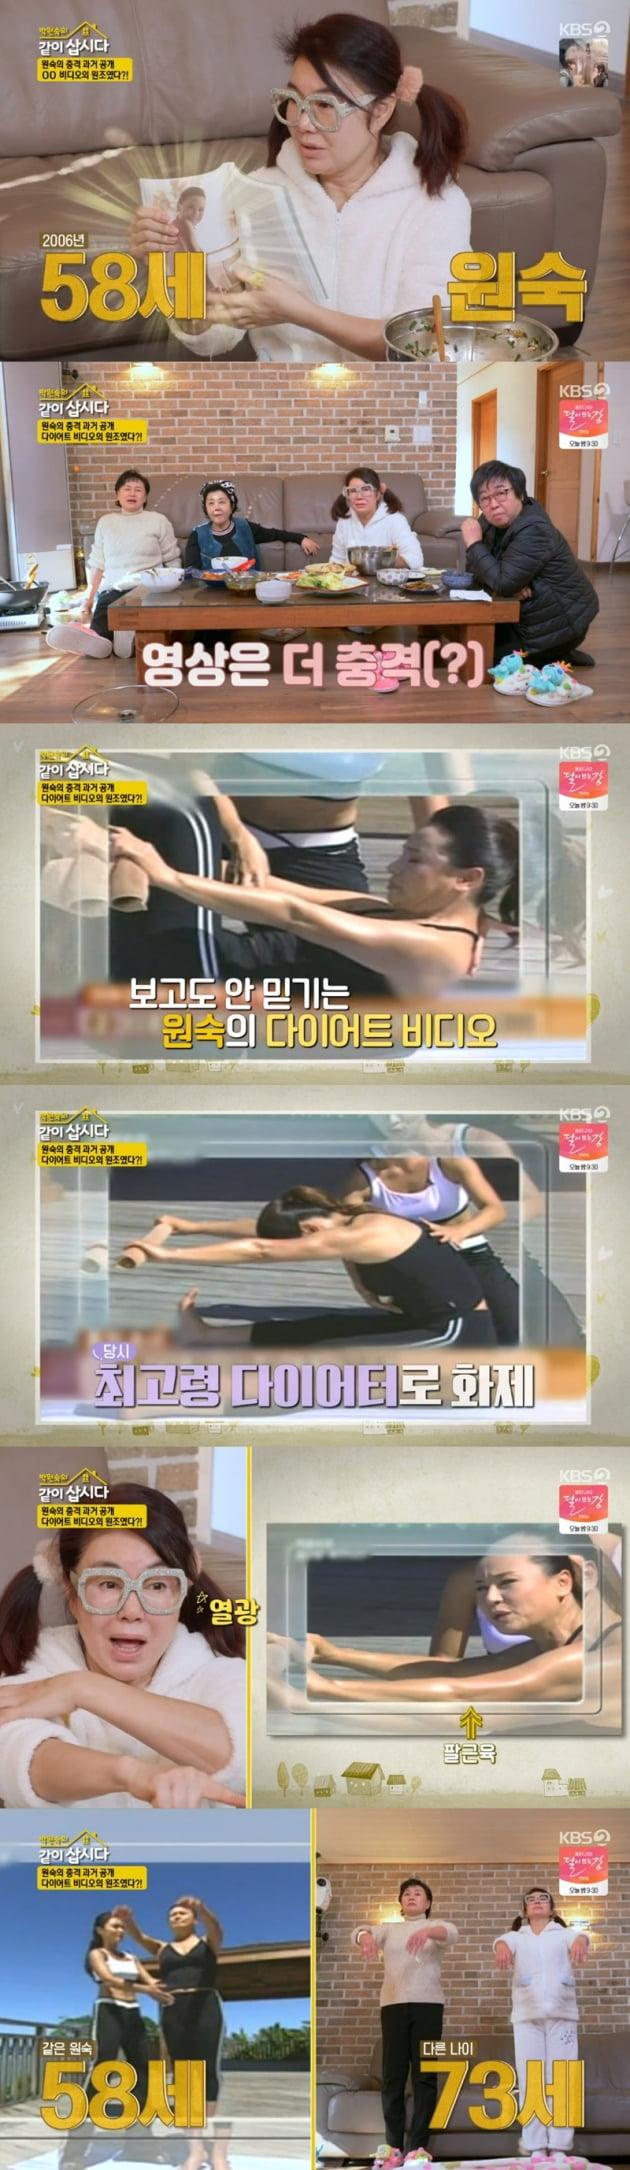 '박원숙의 같이 삽시다3' / 사진 = KBS 영상 캡처